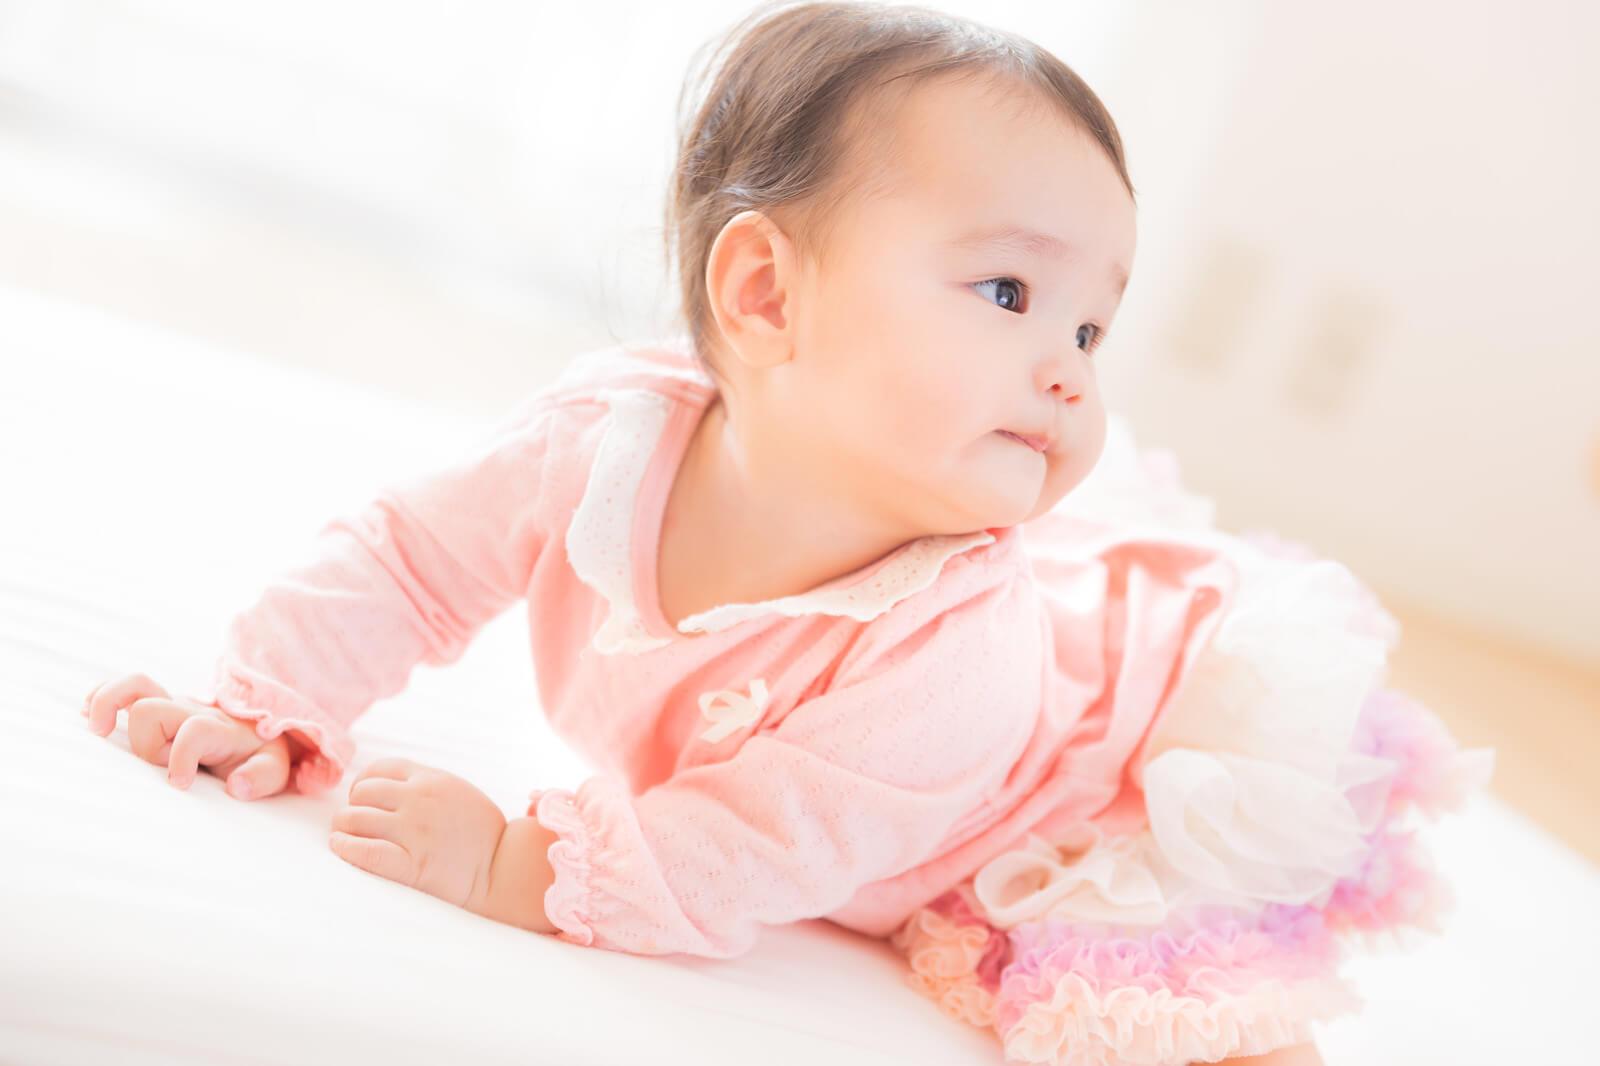 赤ちゃんをモデルに!メリットとデメリット【募集要項あり】